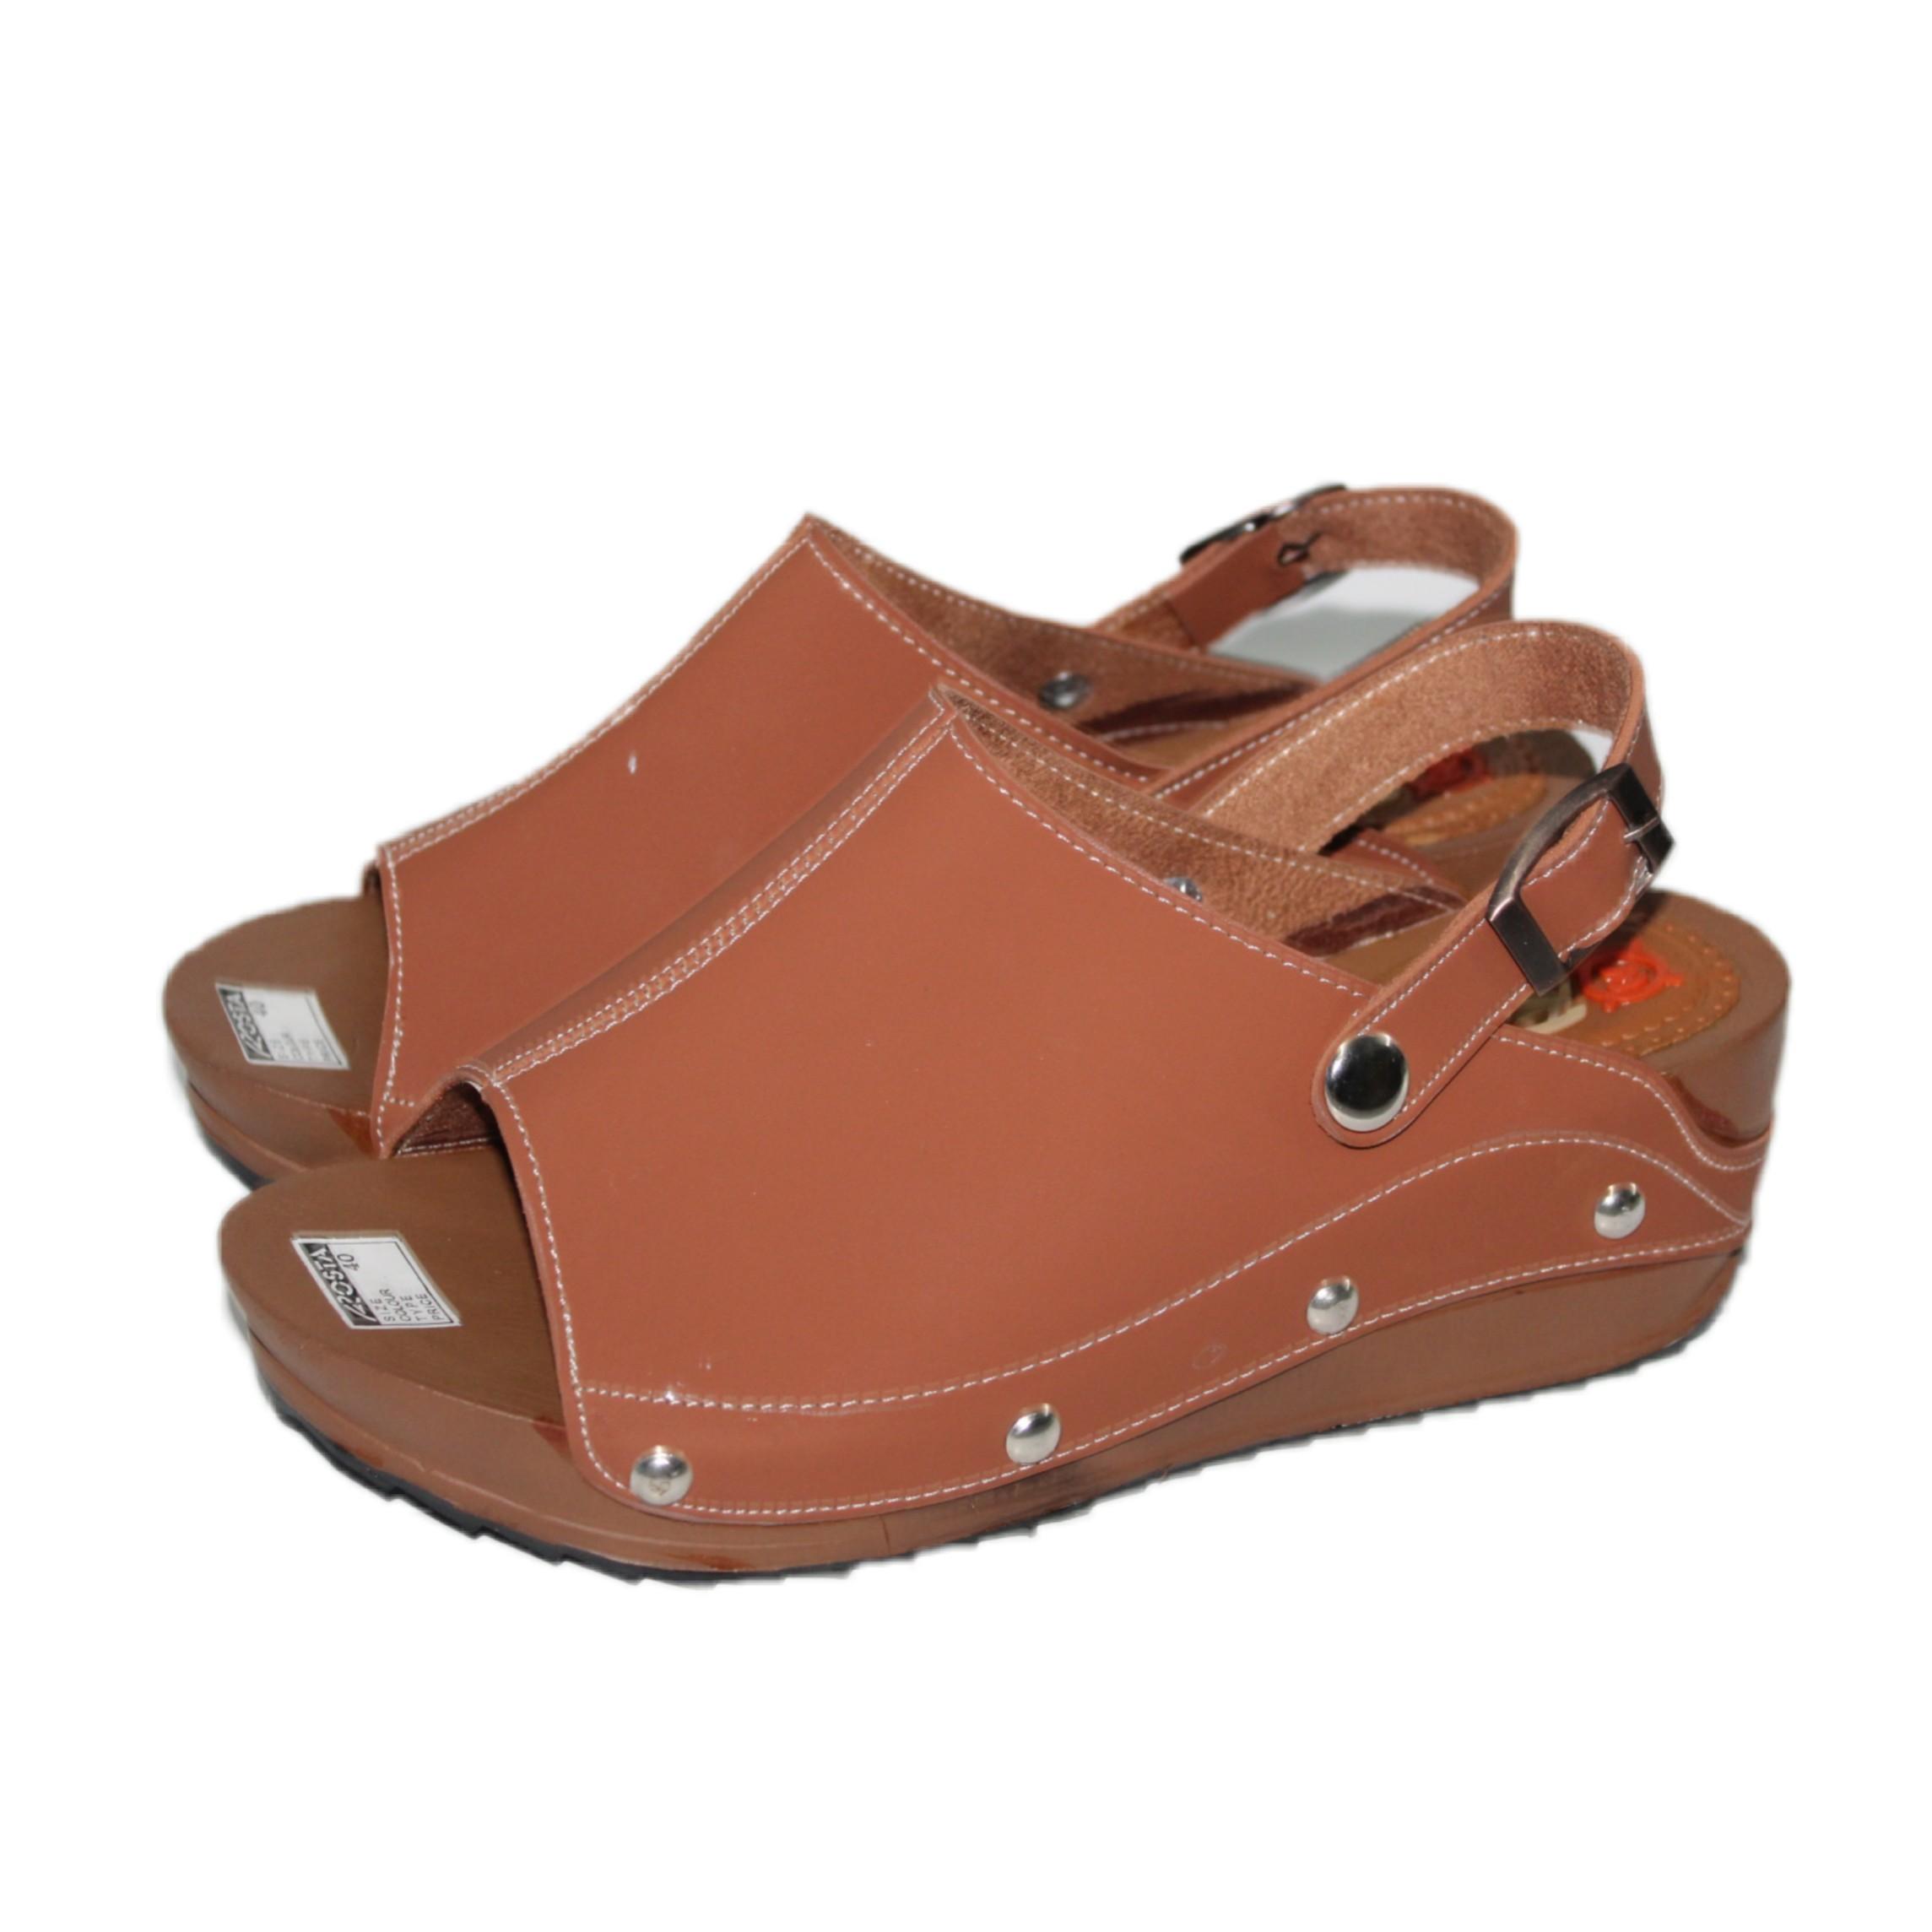 Spesifikasi dari Arsy / Sandal Wedges Wanita - Tan